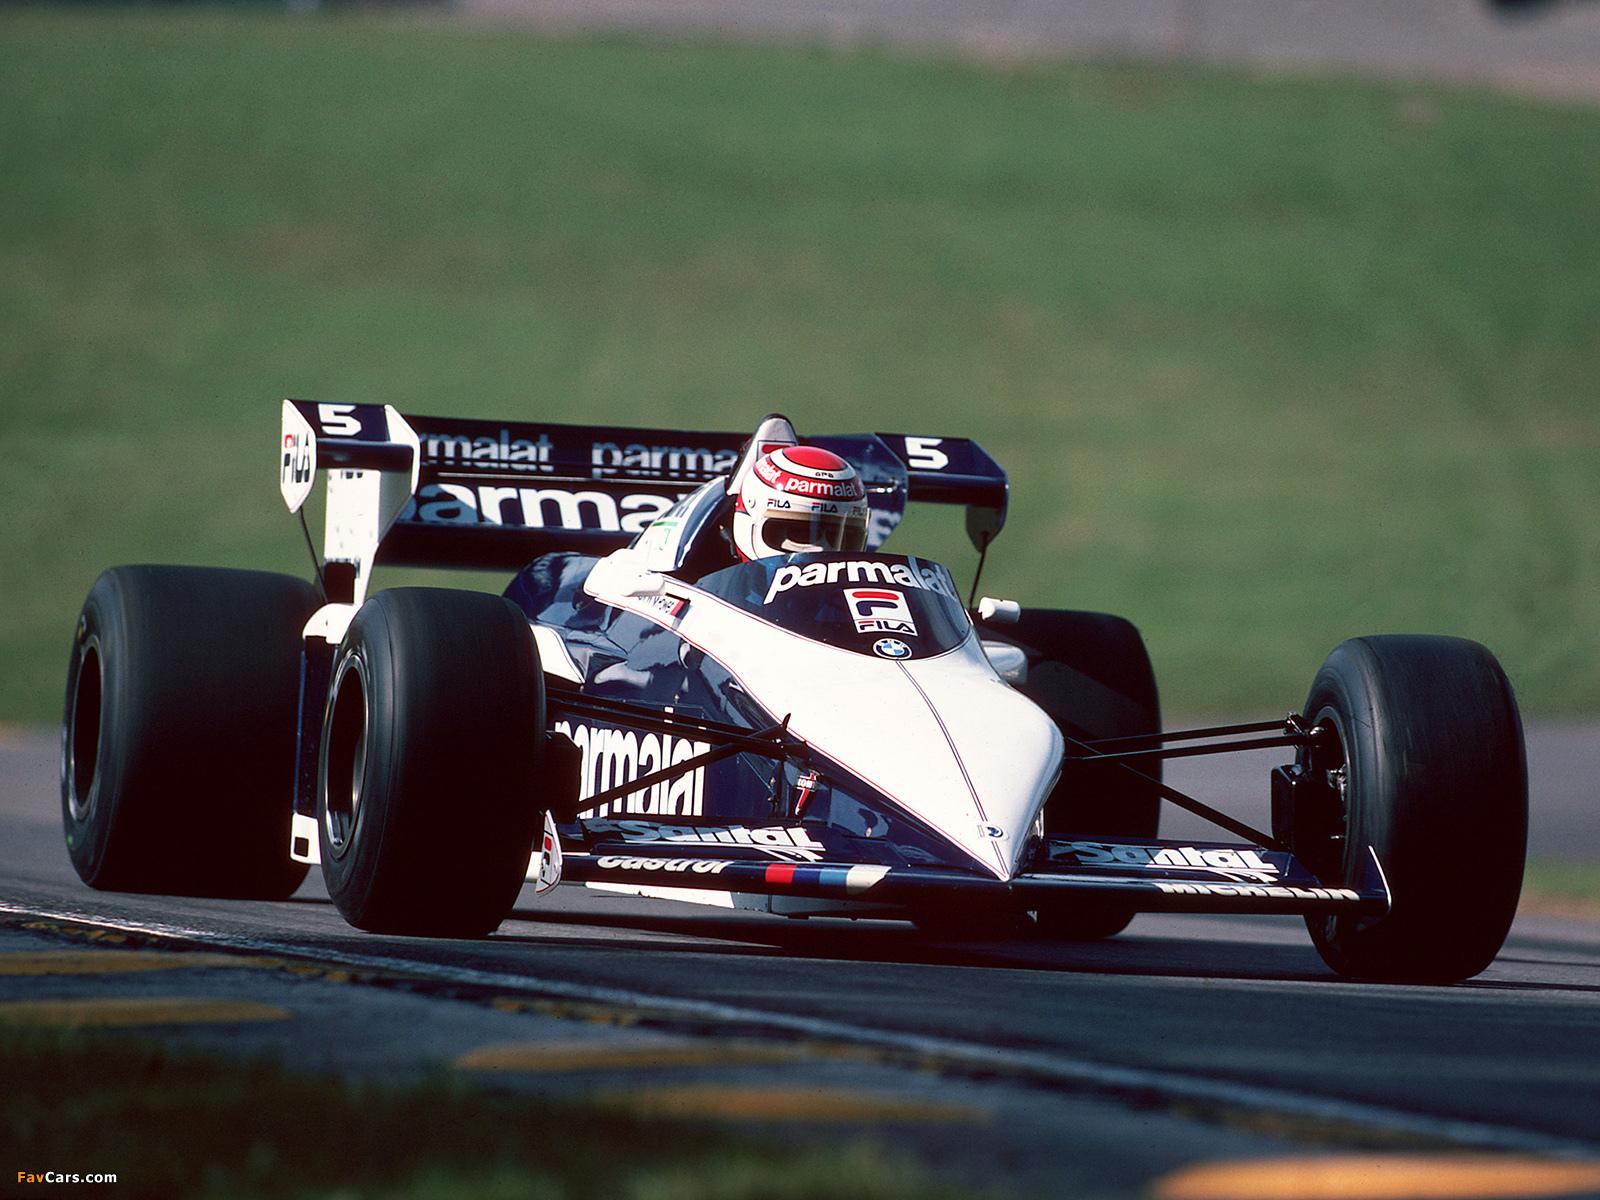 Nelson Piquet, Huyền thoại lái BT52 vô địch giải đua Công thức F1 thế giới năm 1983